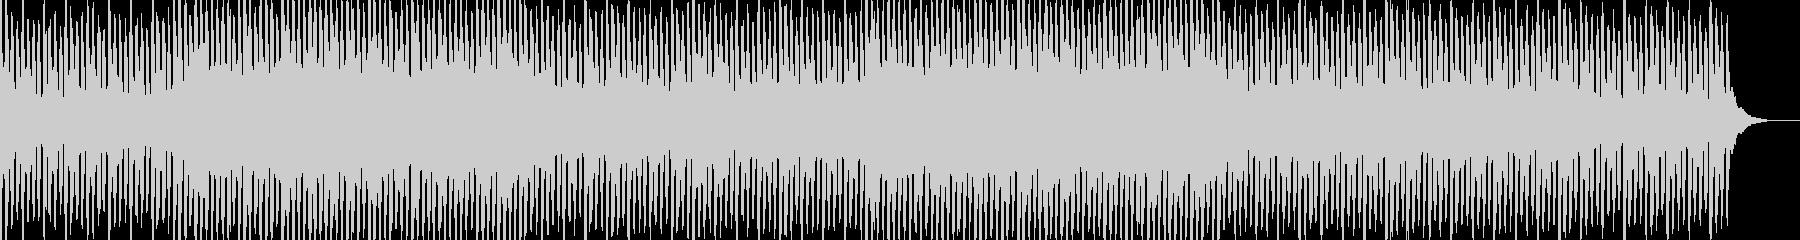 浮遊感のあるおしゃれなコード感 4つ打ちの未再生の波形